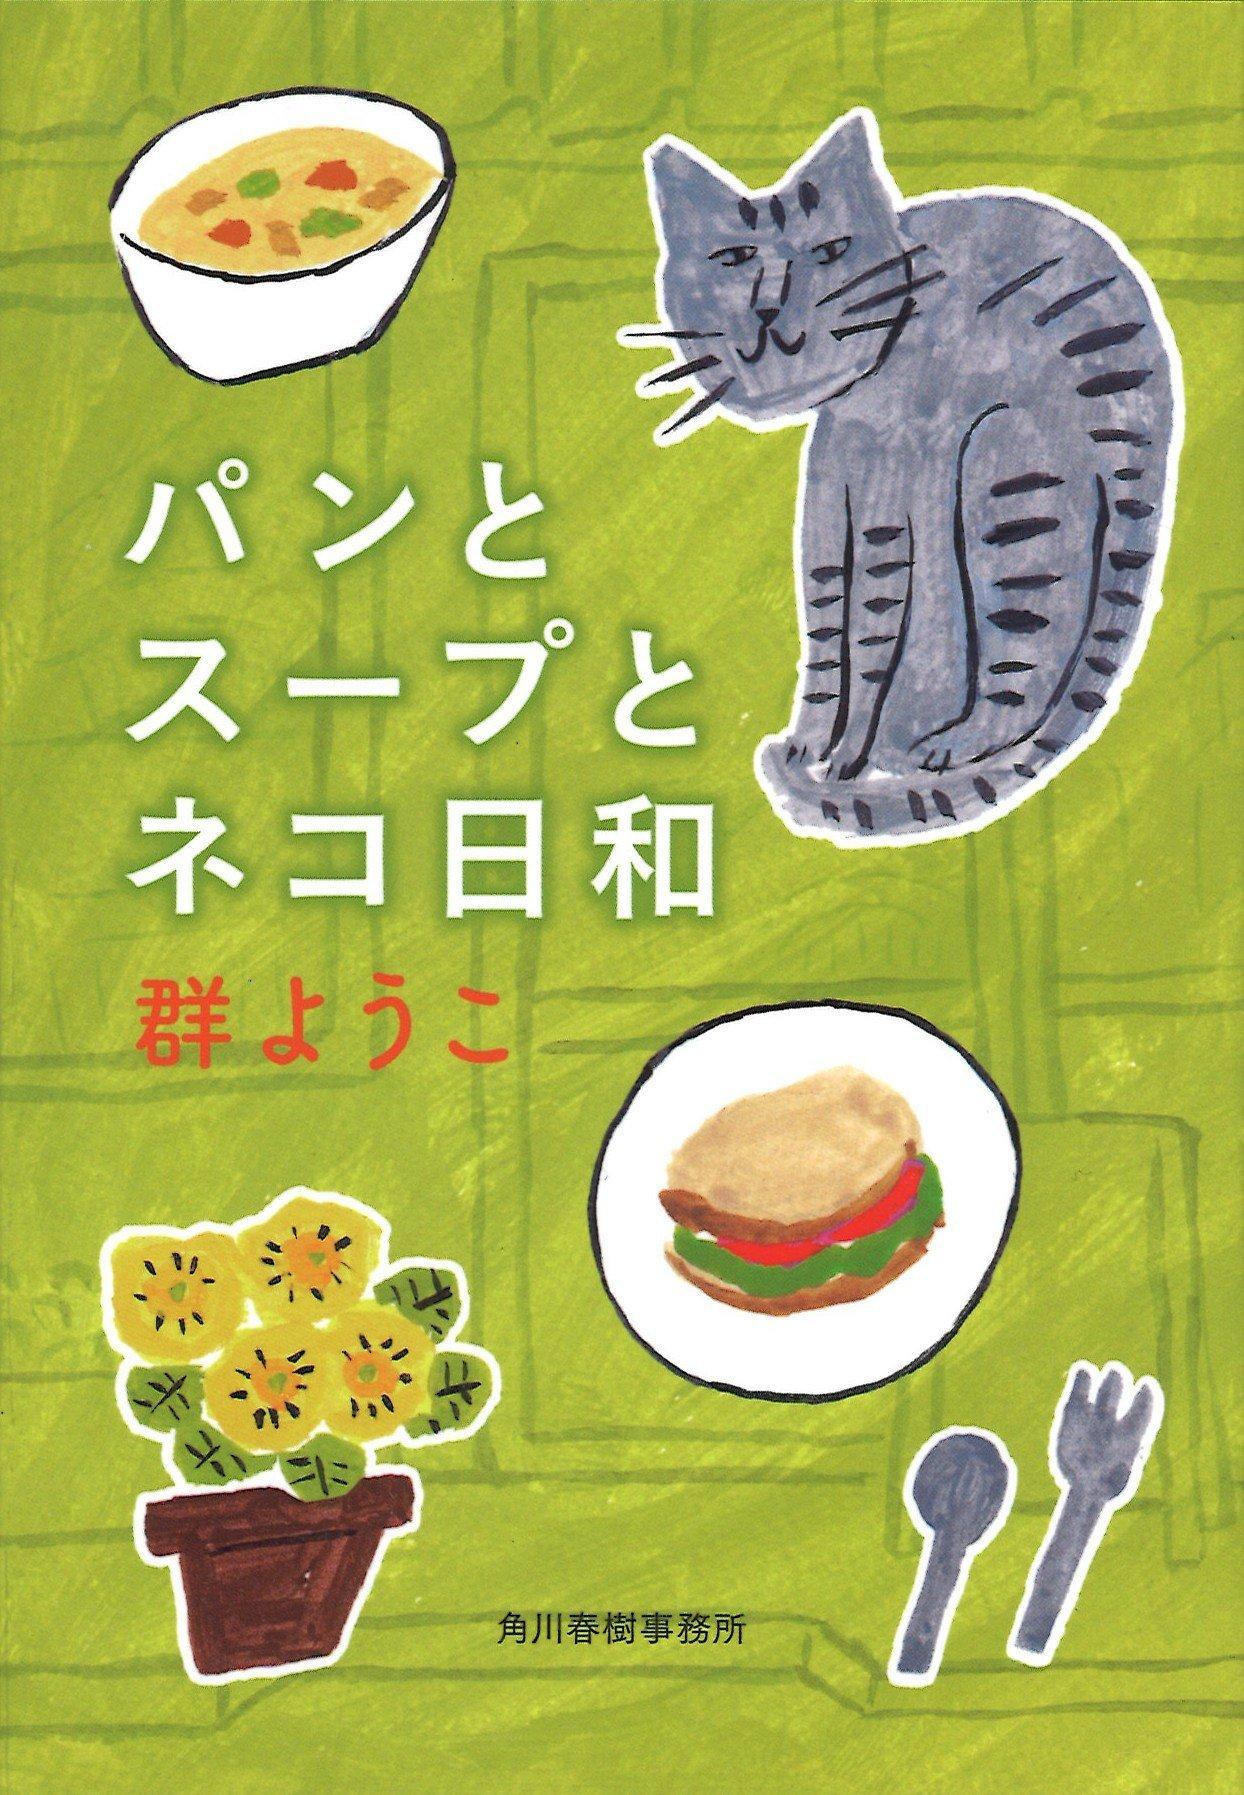 パンとスープとネコ日和